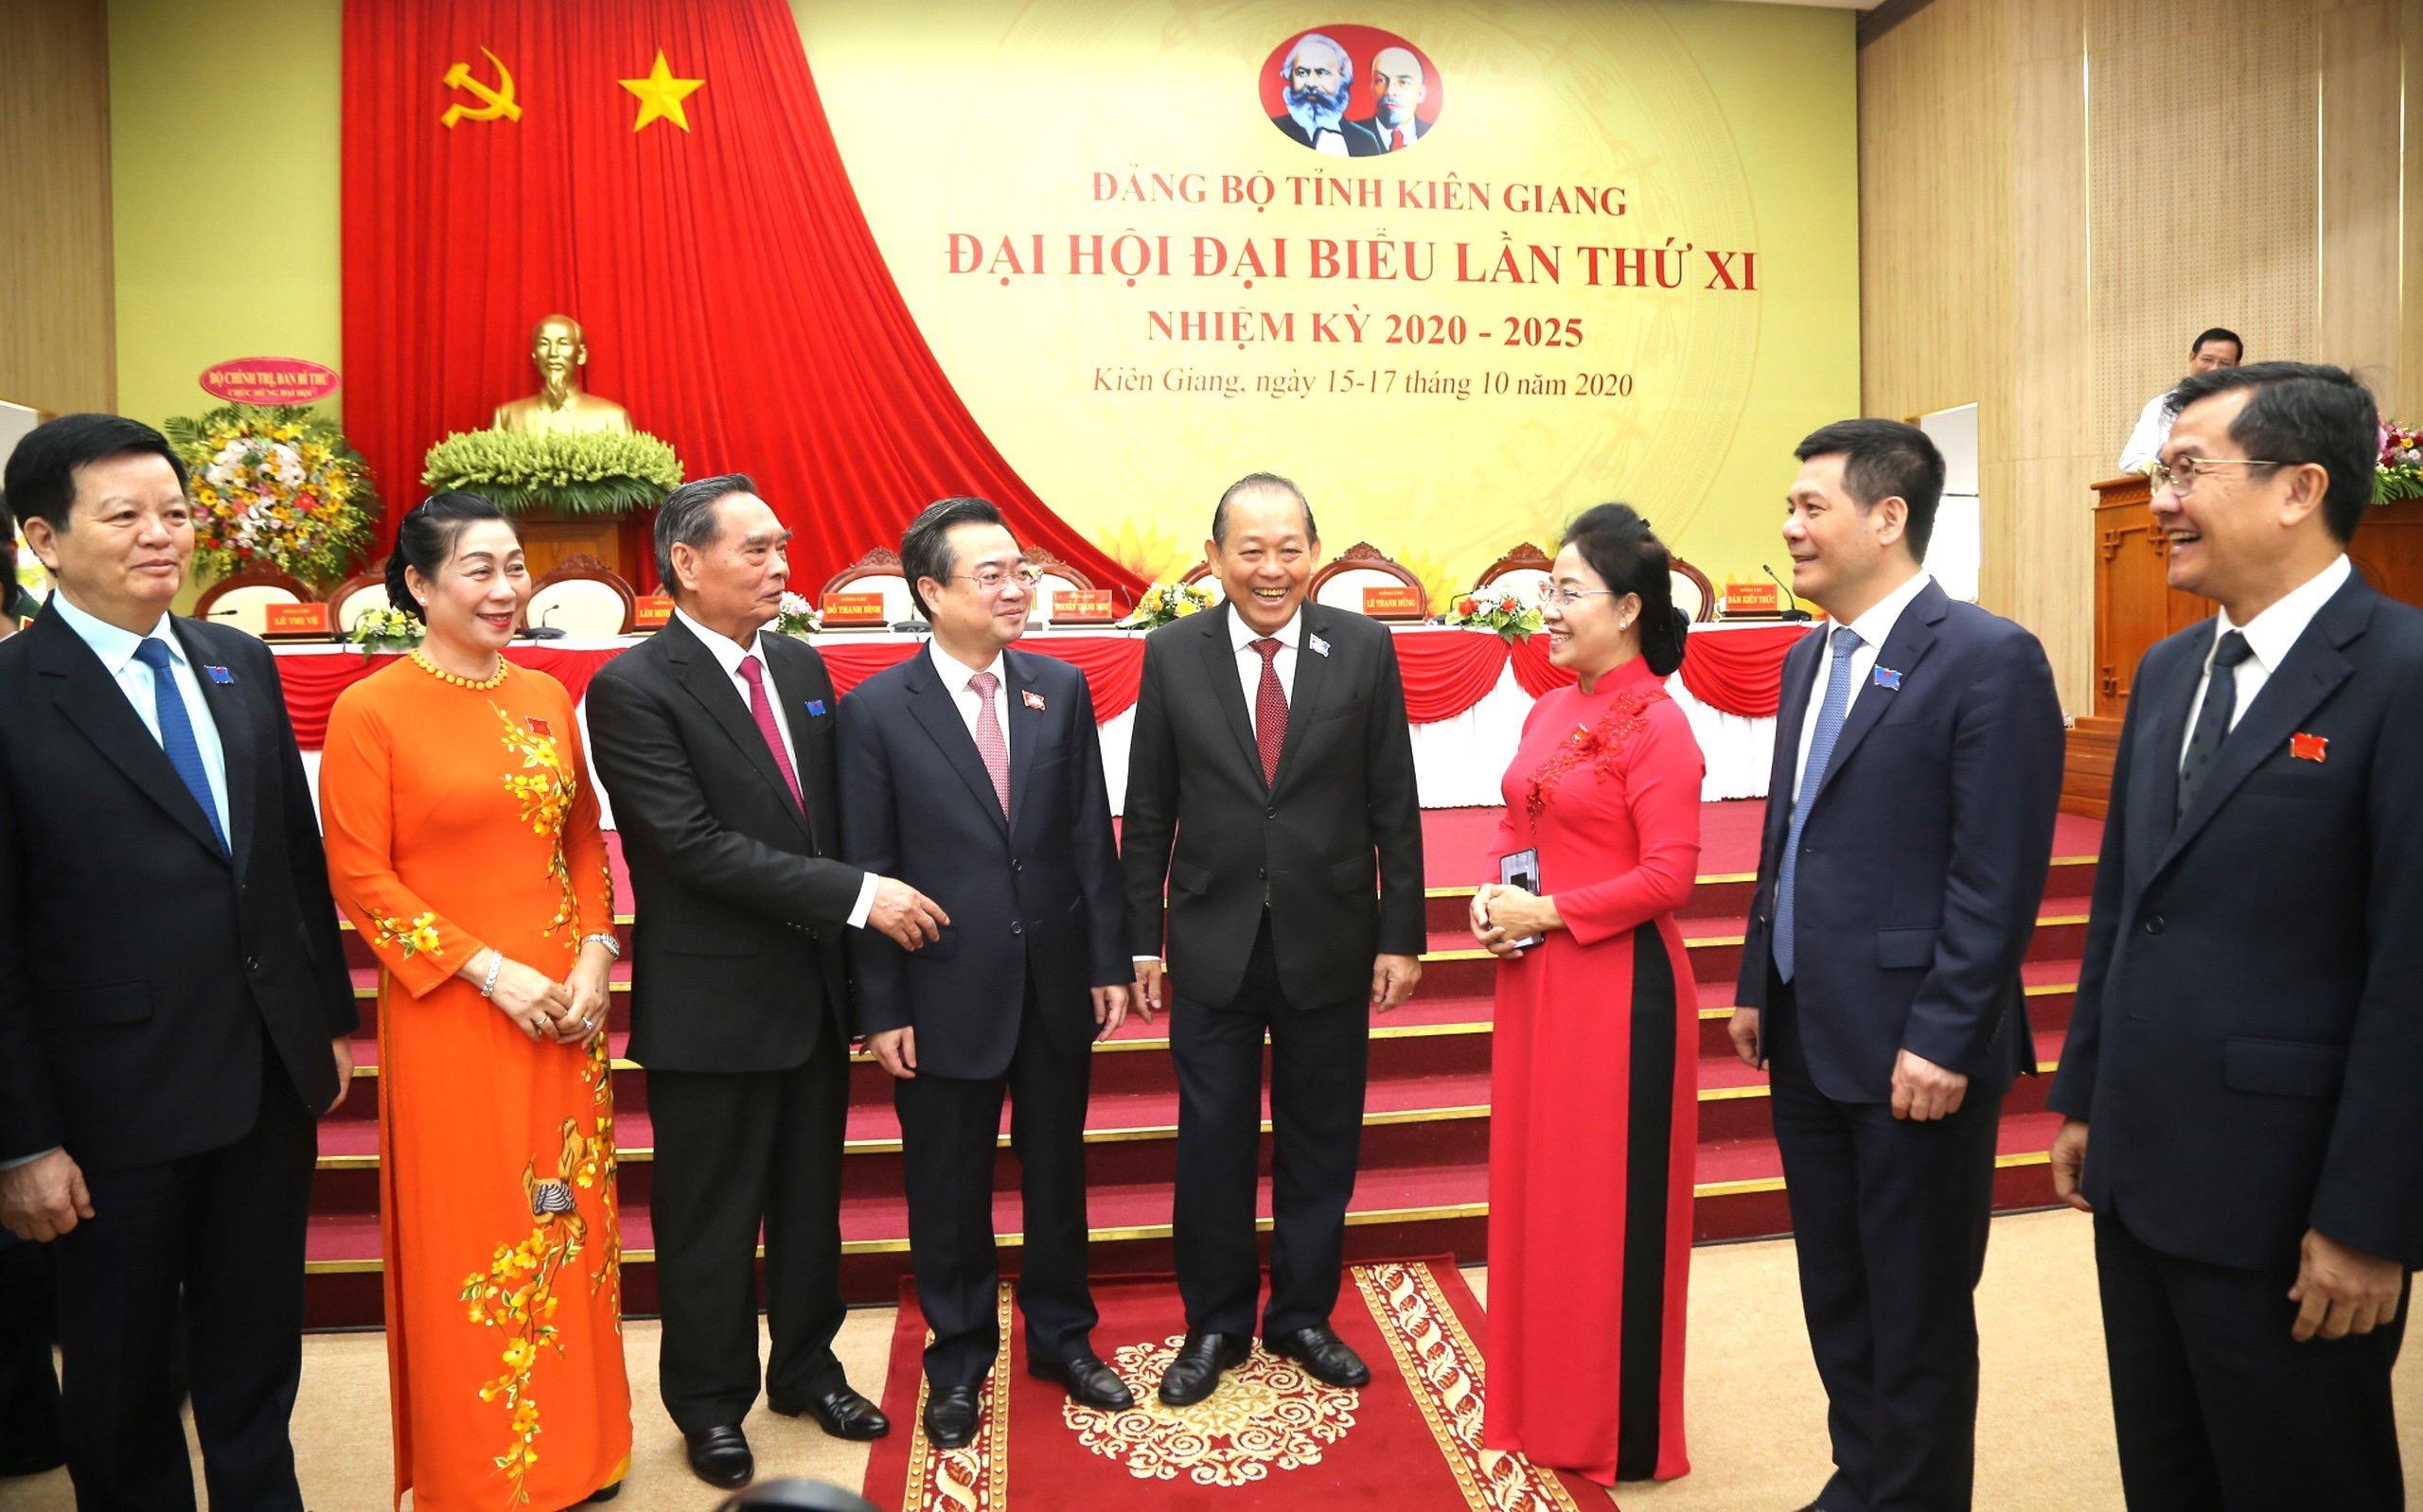 Ủy viên Bộ Chính trị, Phó Thủ tướng Thường trực Chính phủ -Trương Hòa Bình, trò chuyện cùng đại biểu bên lề Đại hội